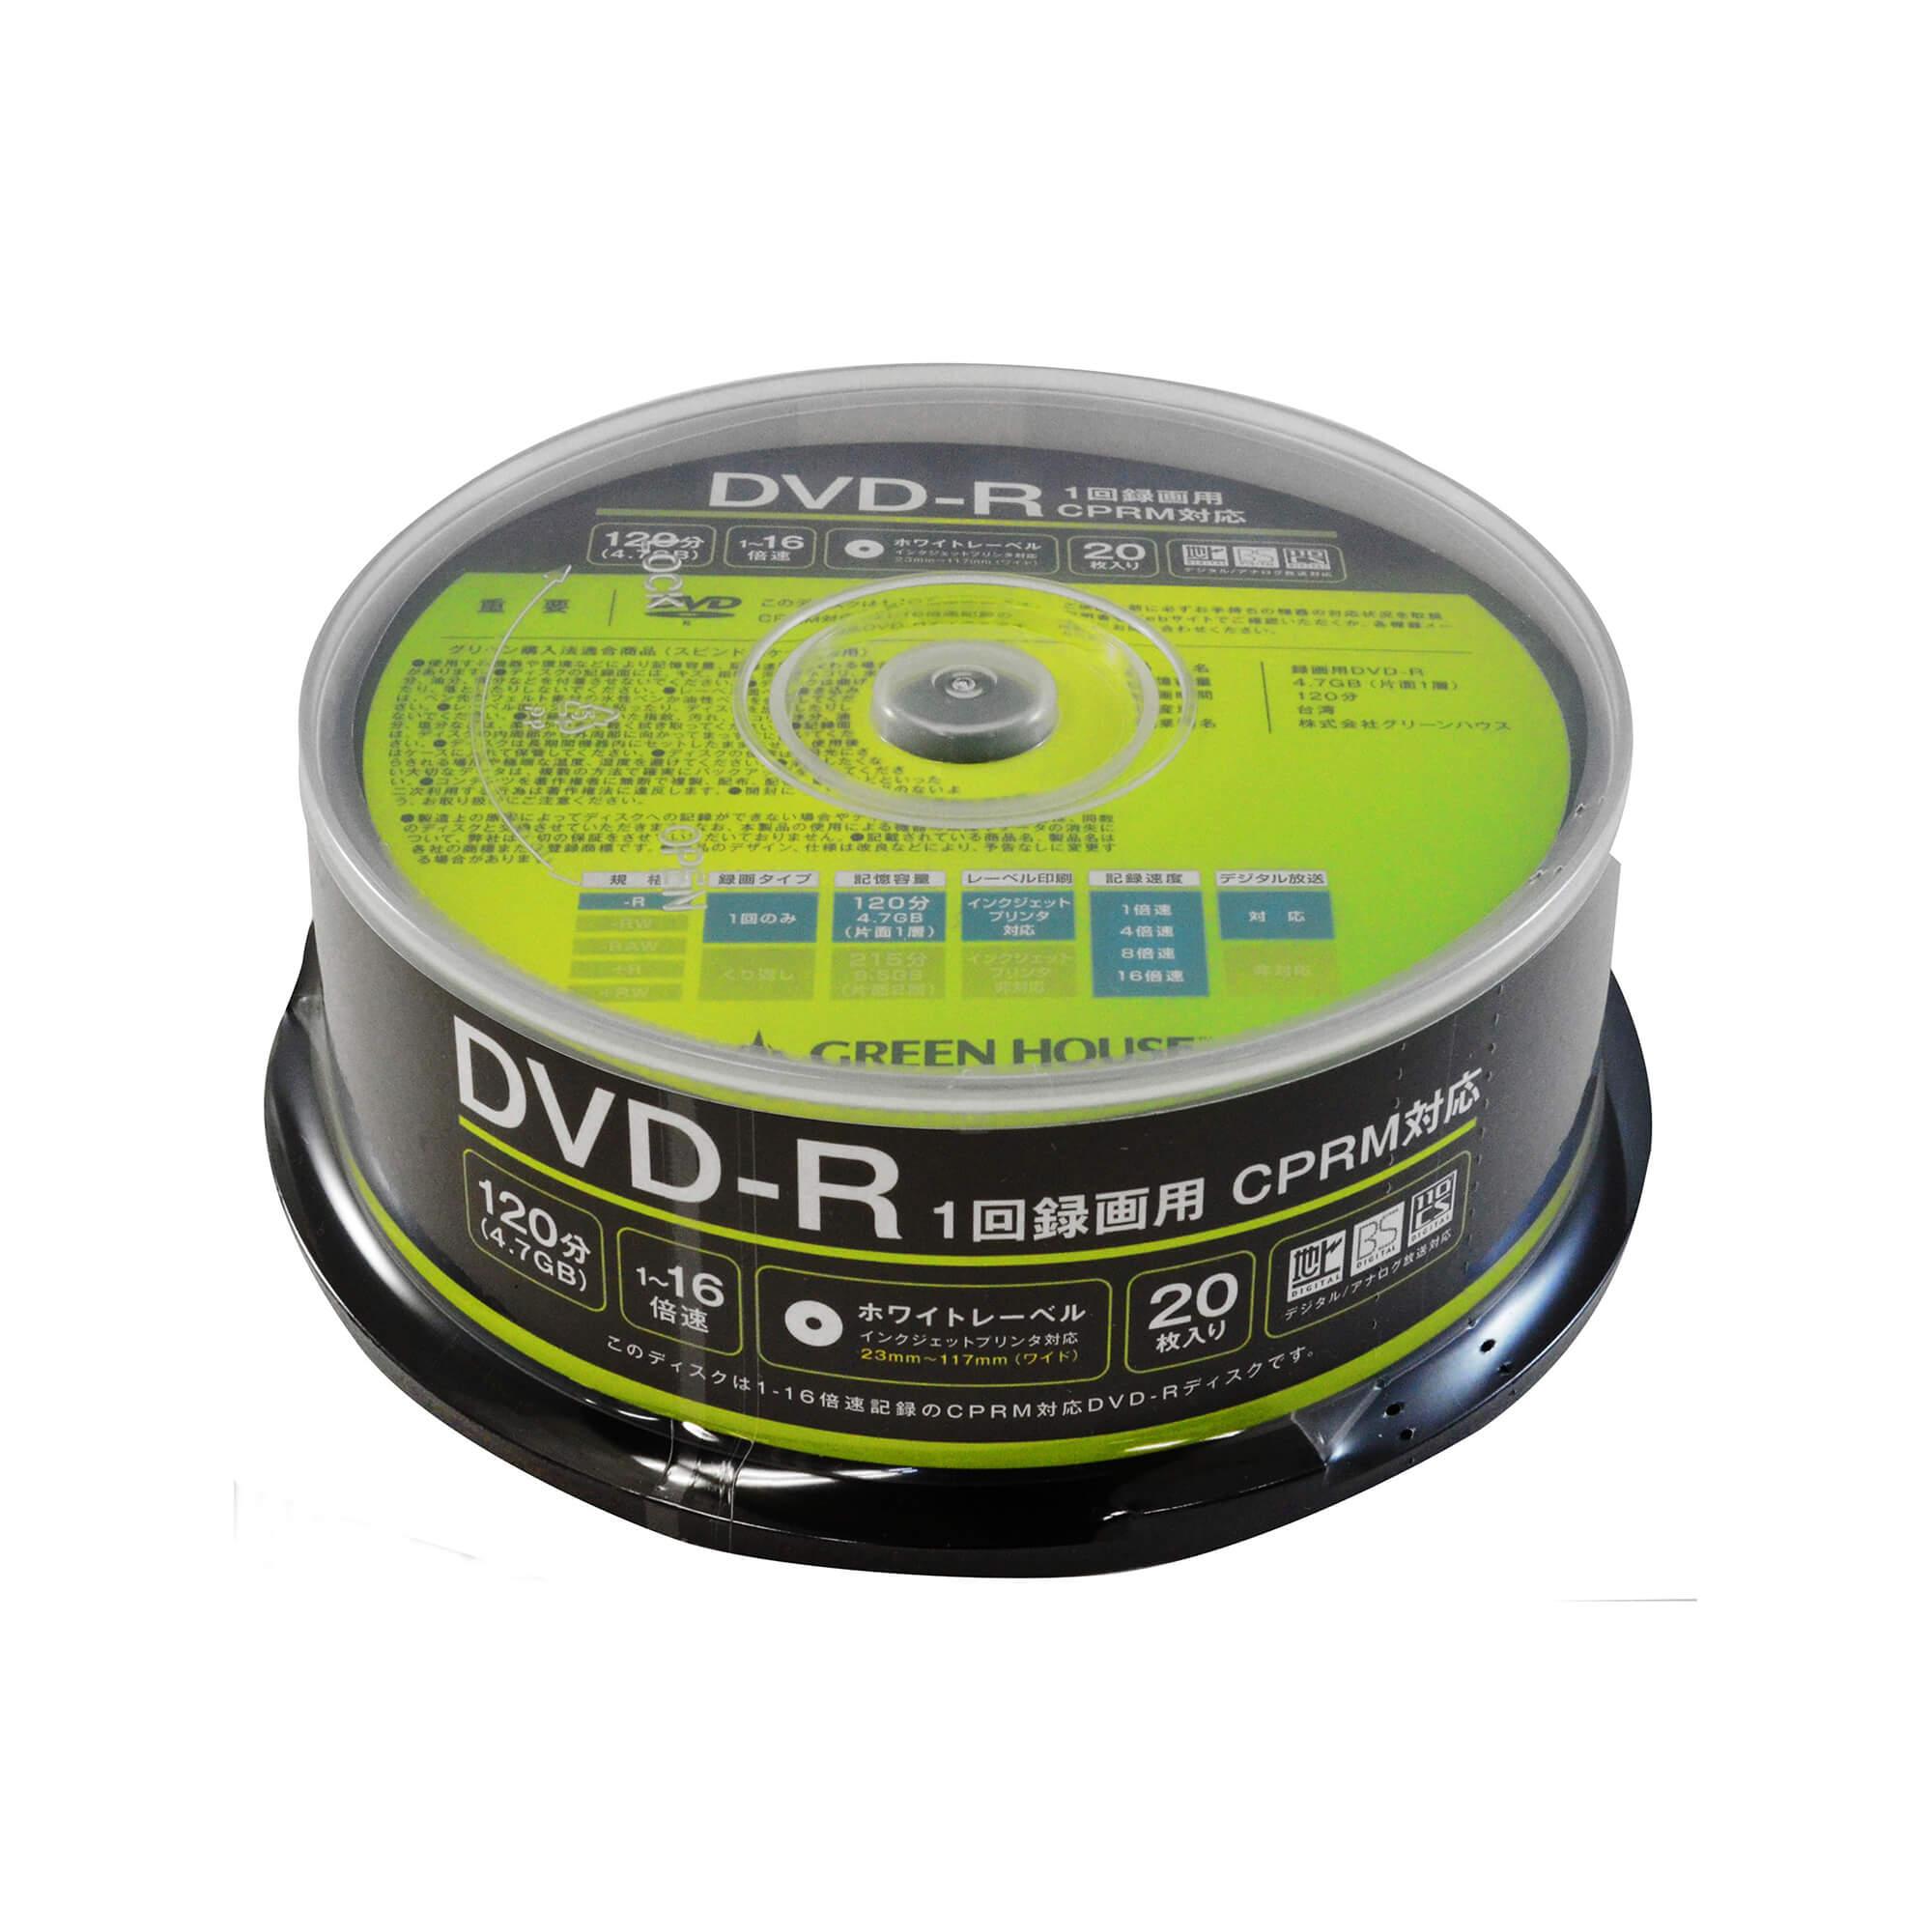 GH-DVDRCAシリーズ